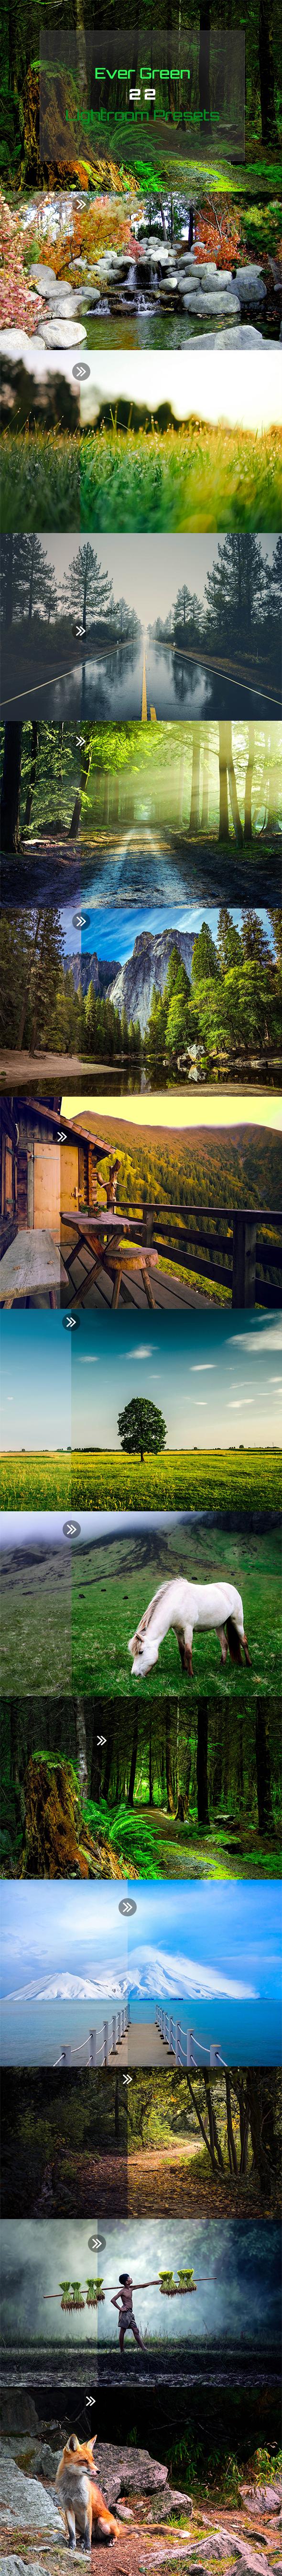 Ever Green 22 Lightroom Presets - Landscape Lightroom Presets